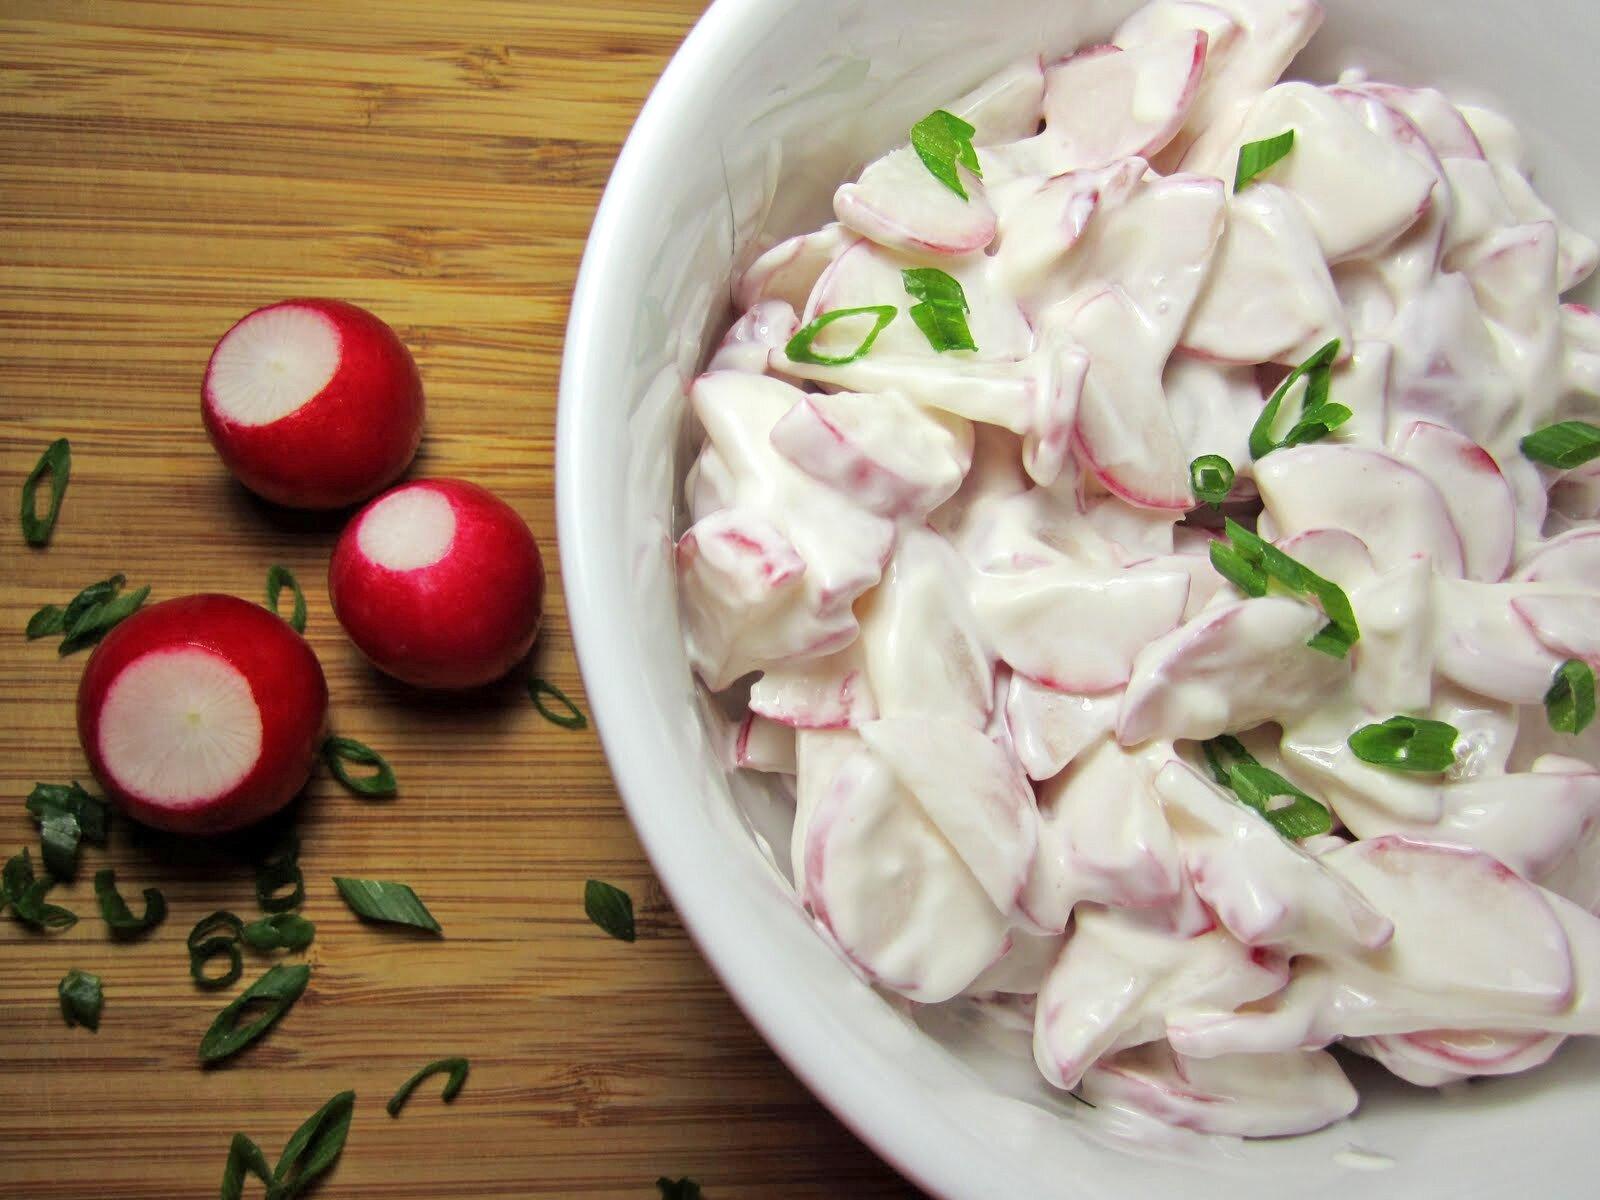 салат из редьки со сметаной приготовление